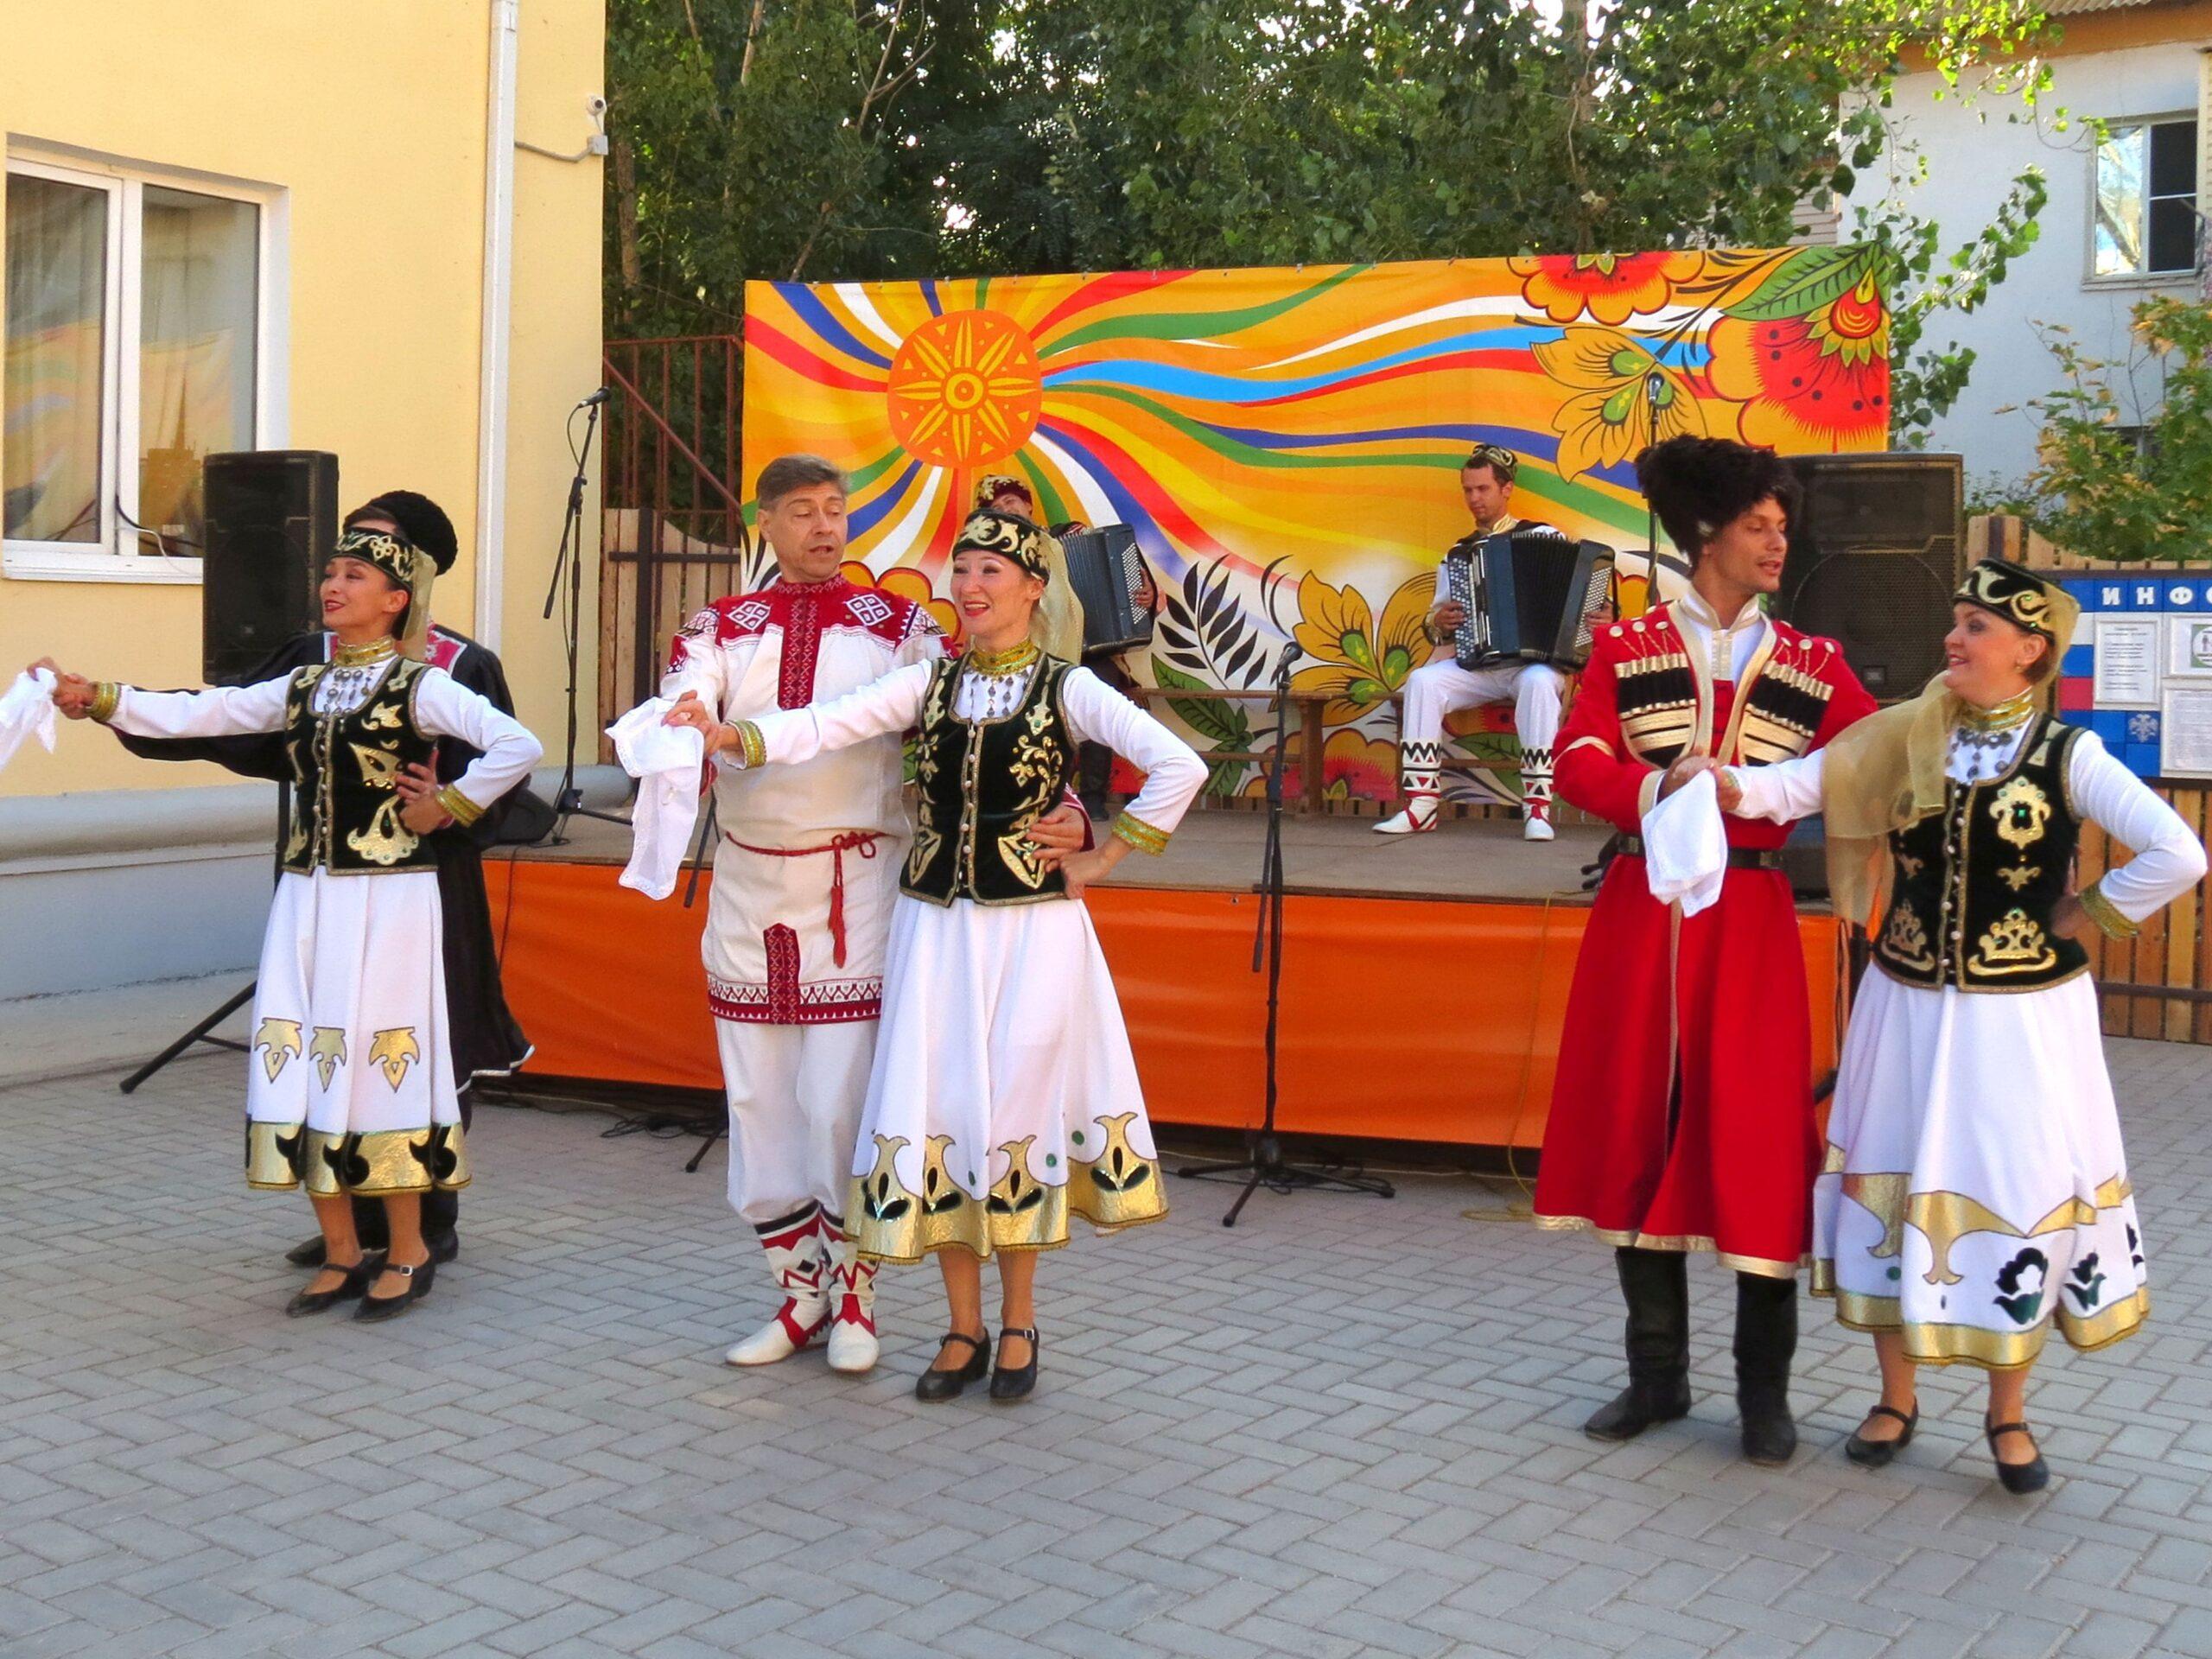 Астраханцы приглашаются на интерактивную программу «Этновечер. Отдыхаем вместе»